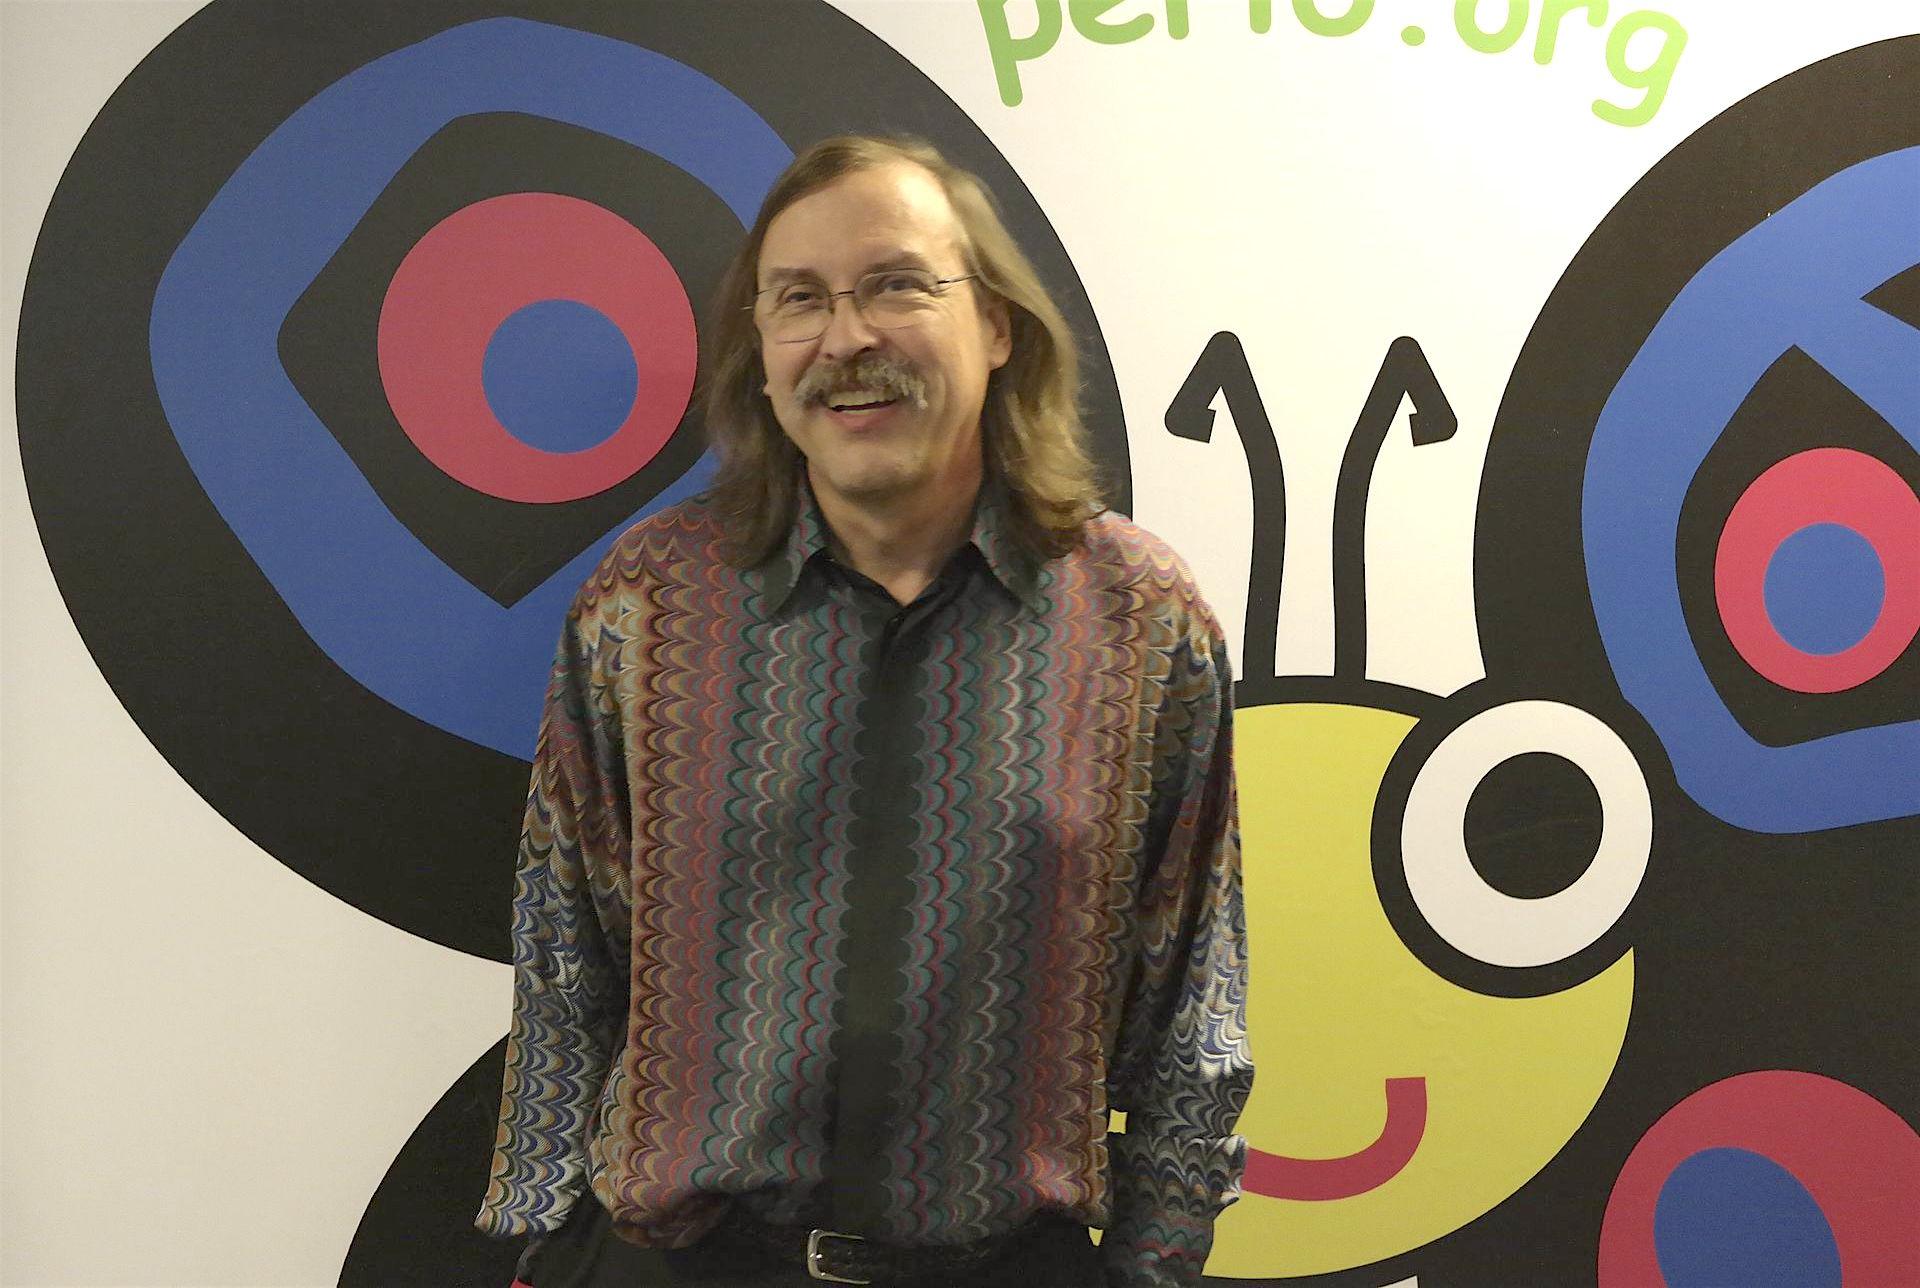 Кто есть кто в open source: биографии гиков - 5